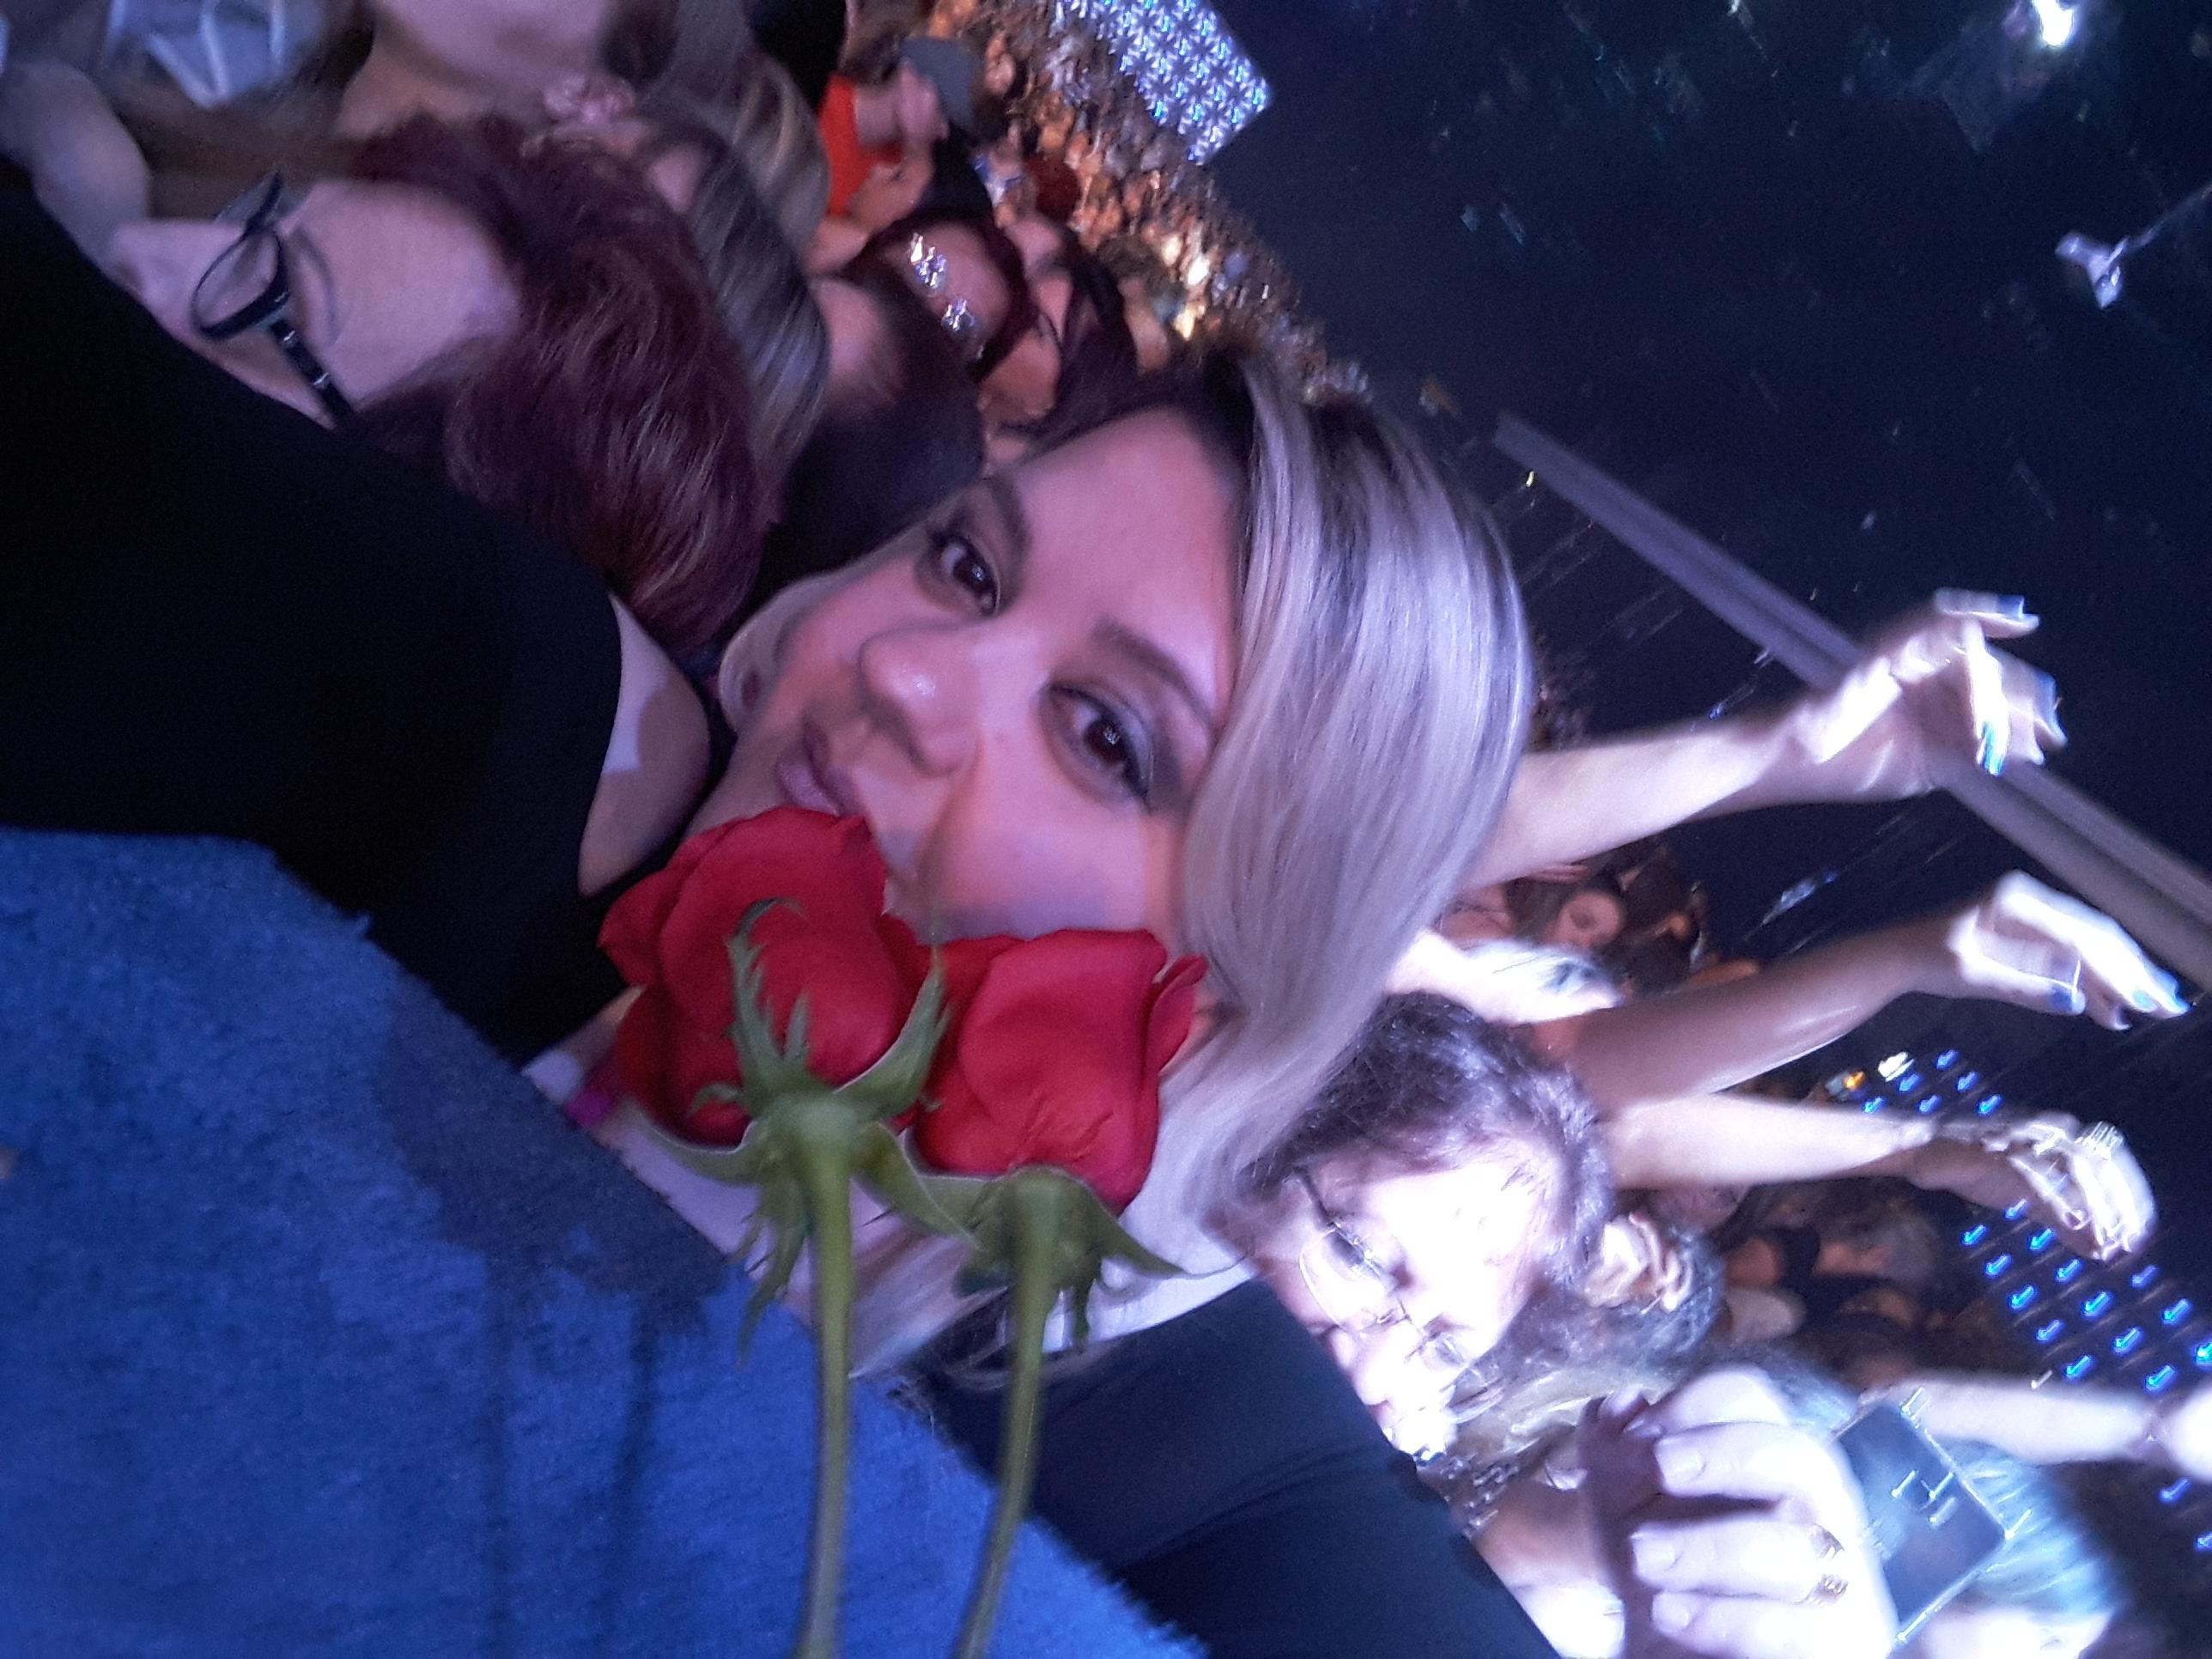 Ana Claudia Pagliaro de Amorim - As rosas no show só para mulheres!!!